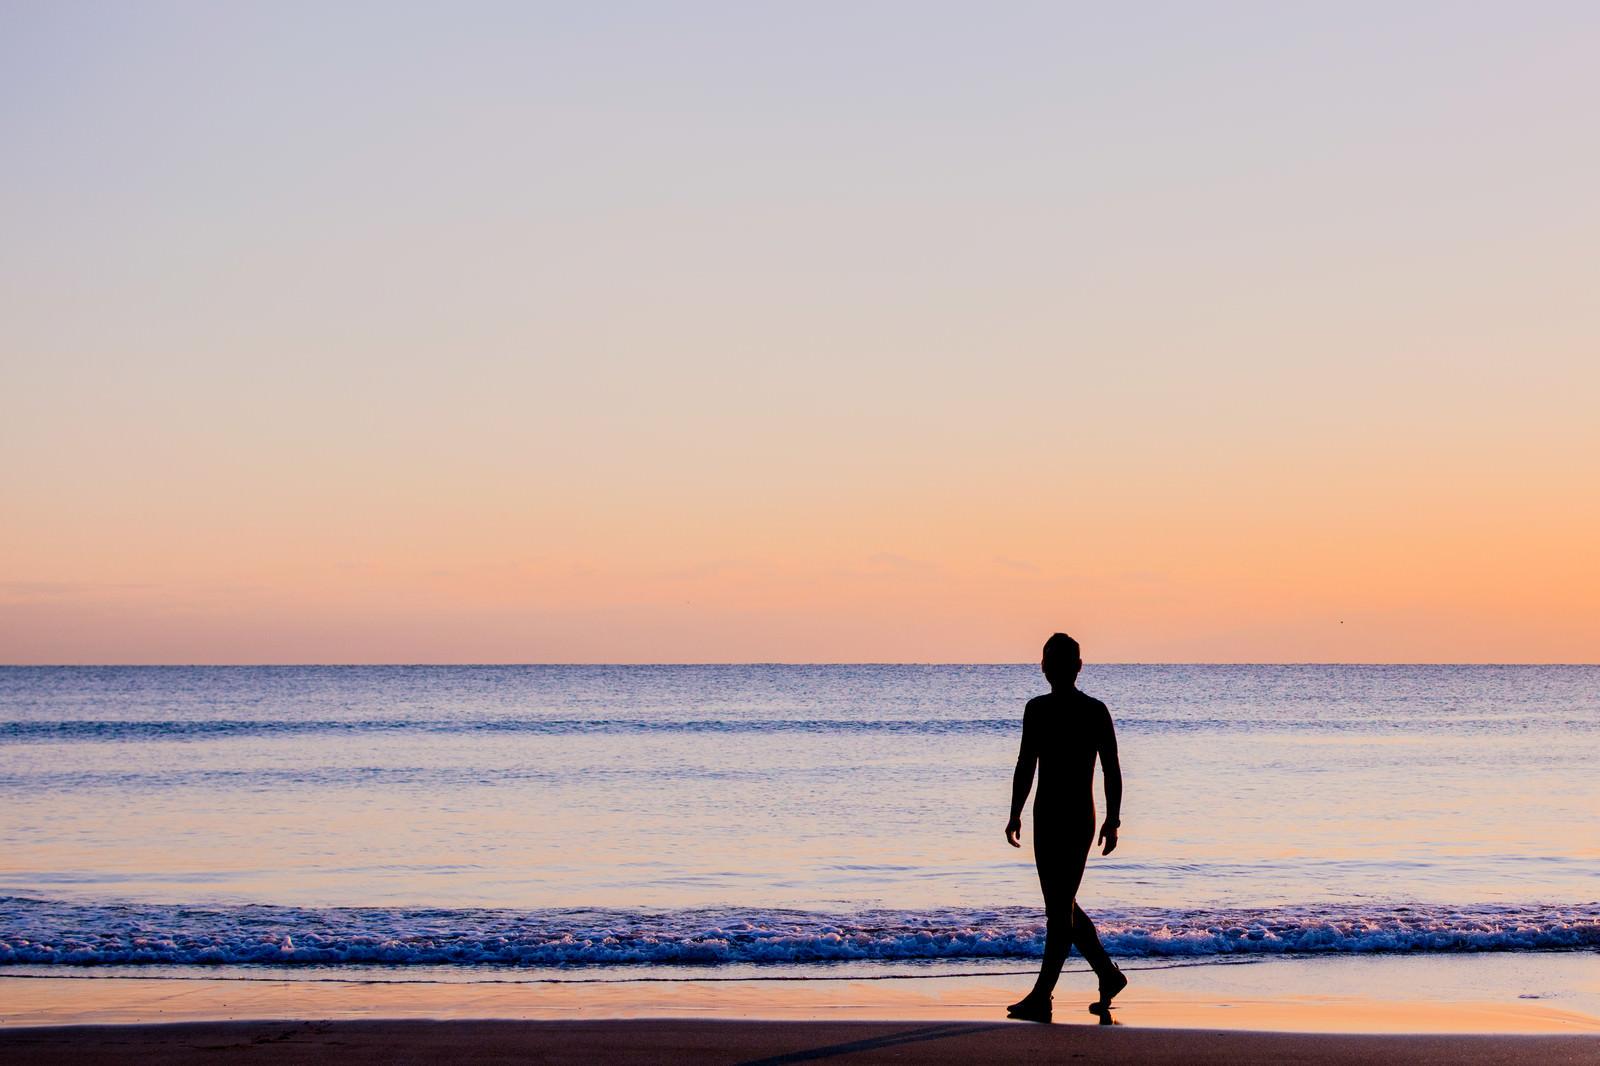 夕暮れの海岸を歩く男性